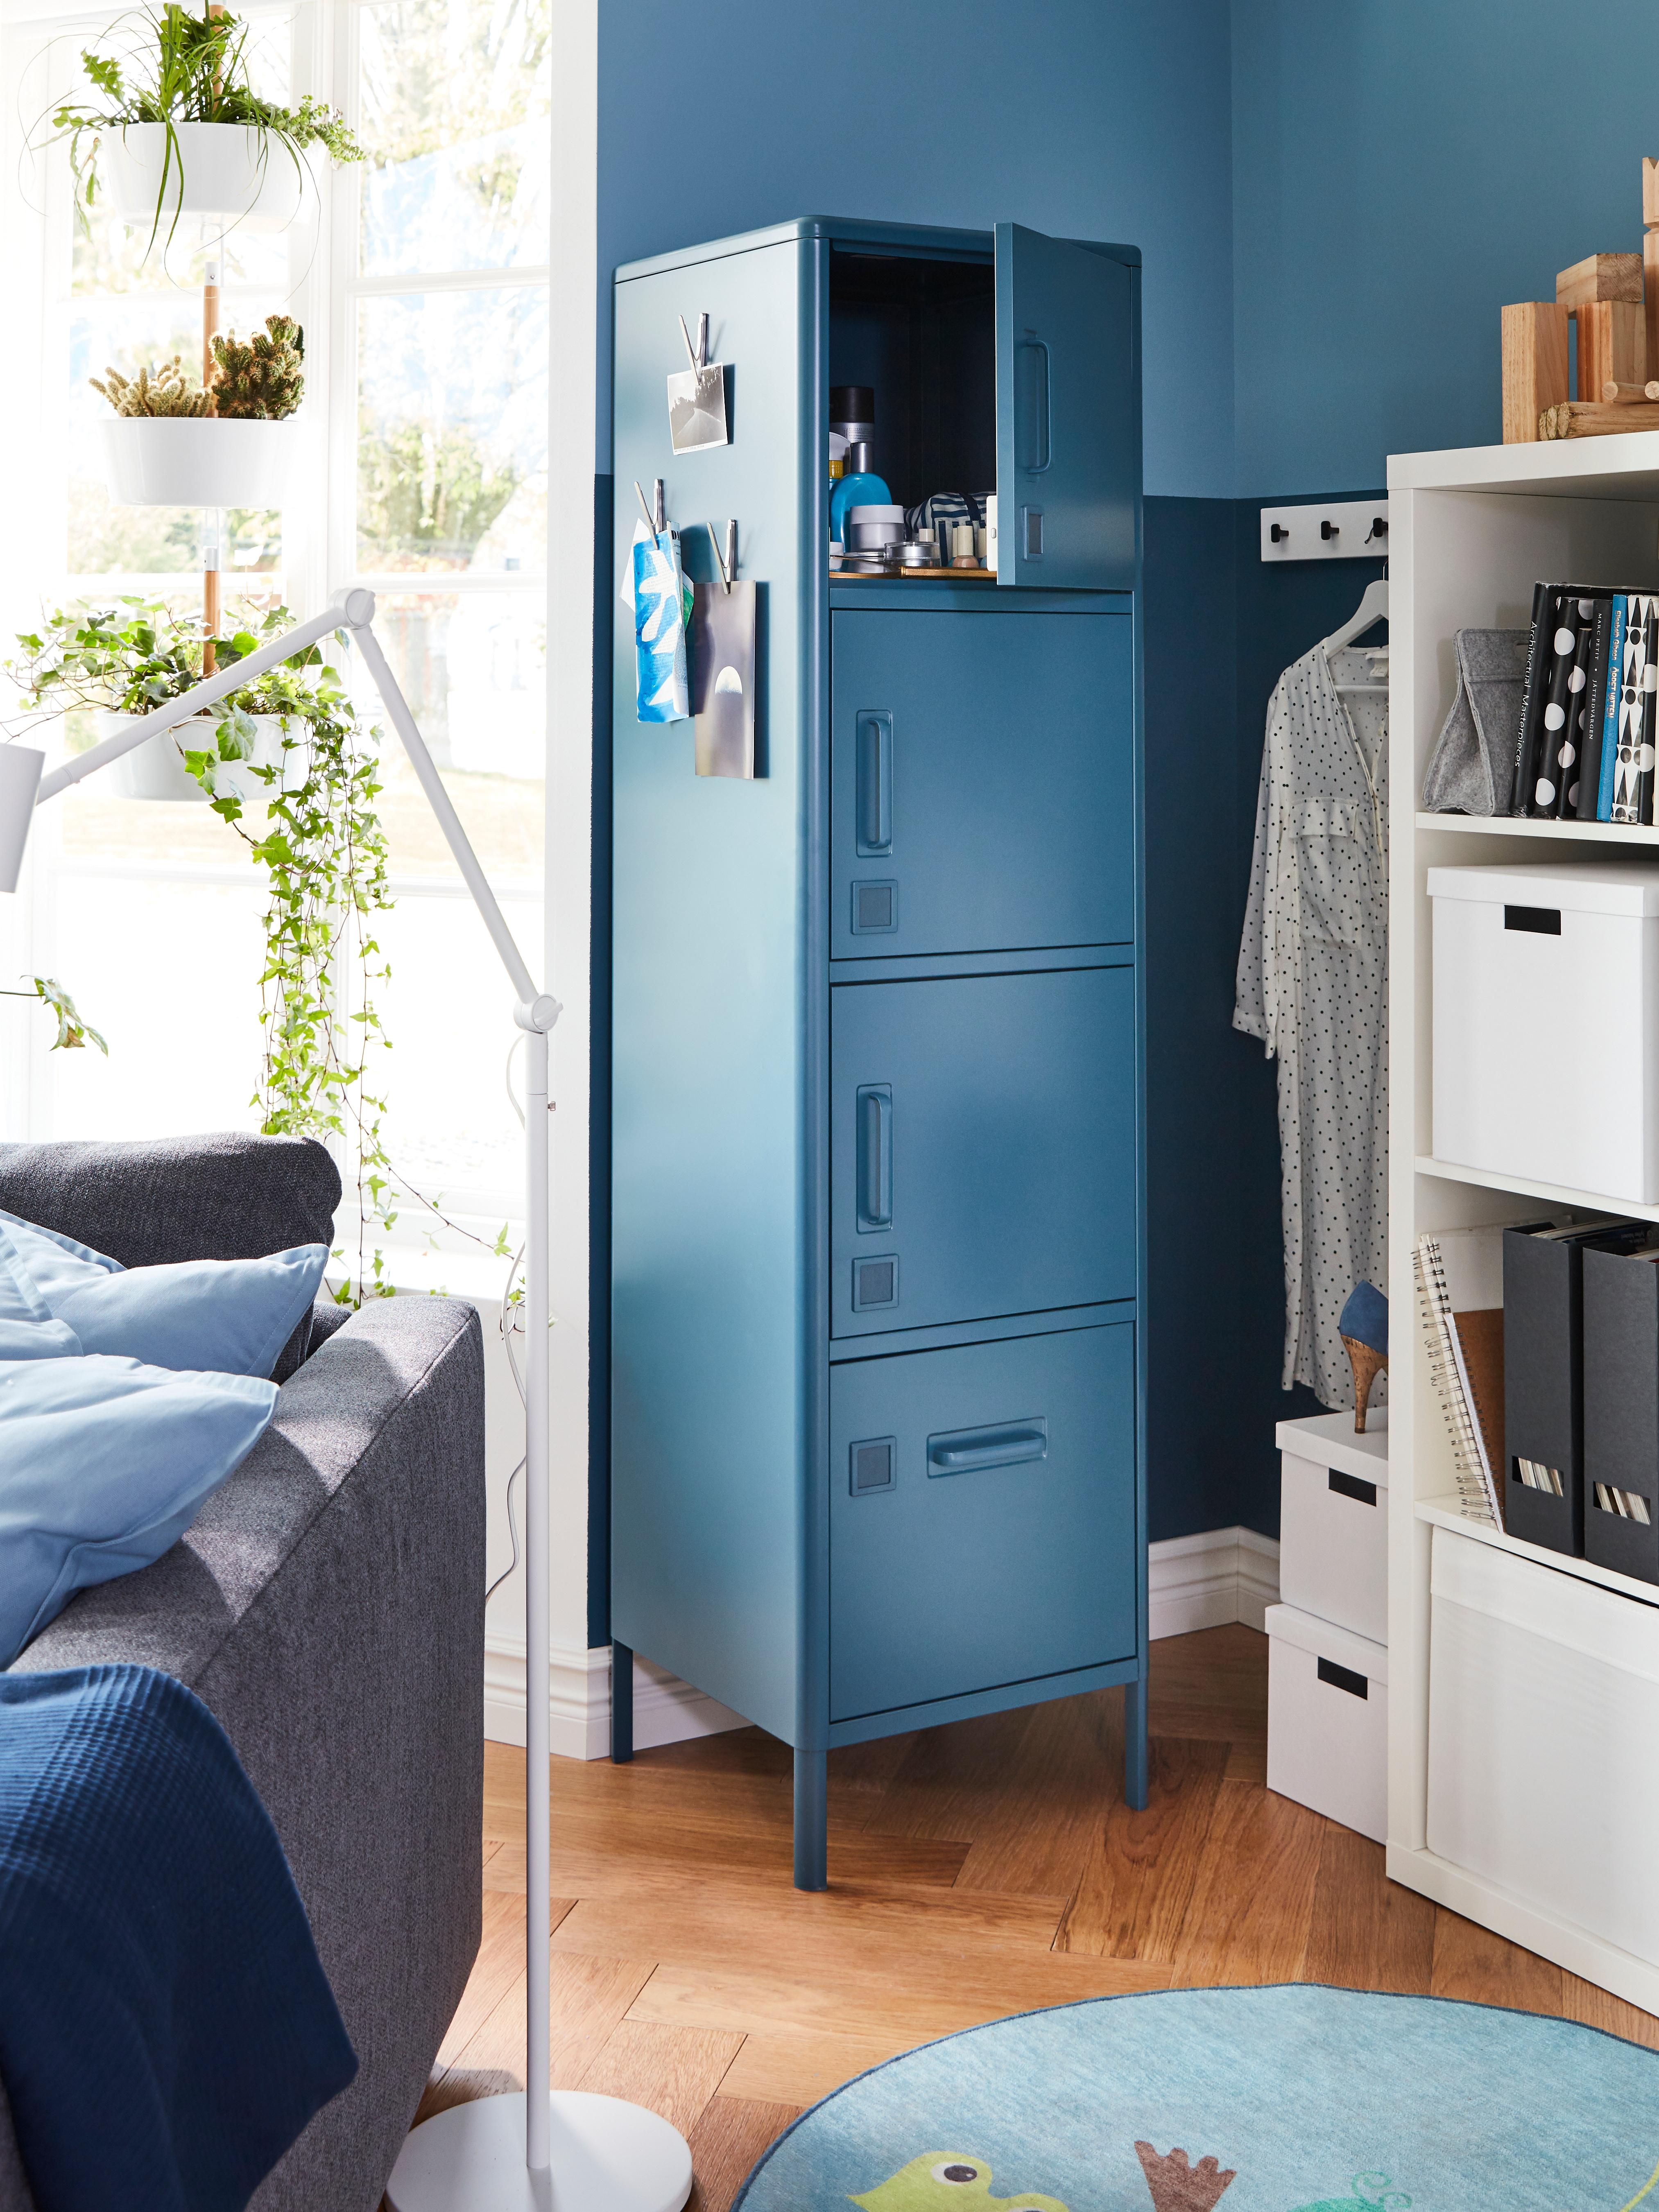 Mobile alto IDÅSEN in acciaio blu con un cassetto e ante, accanto a una finestra e a una poltrona. Un'anta del mobile è aperta e all'interno si vedono delle bottiglie.